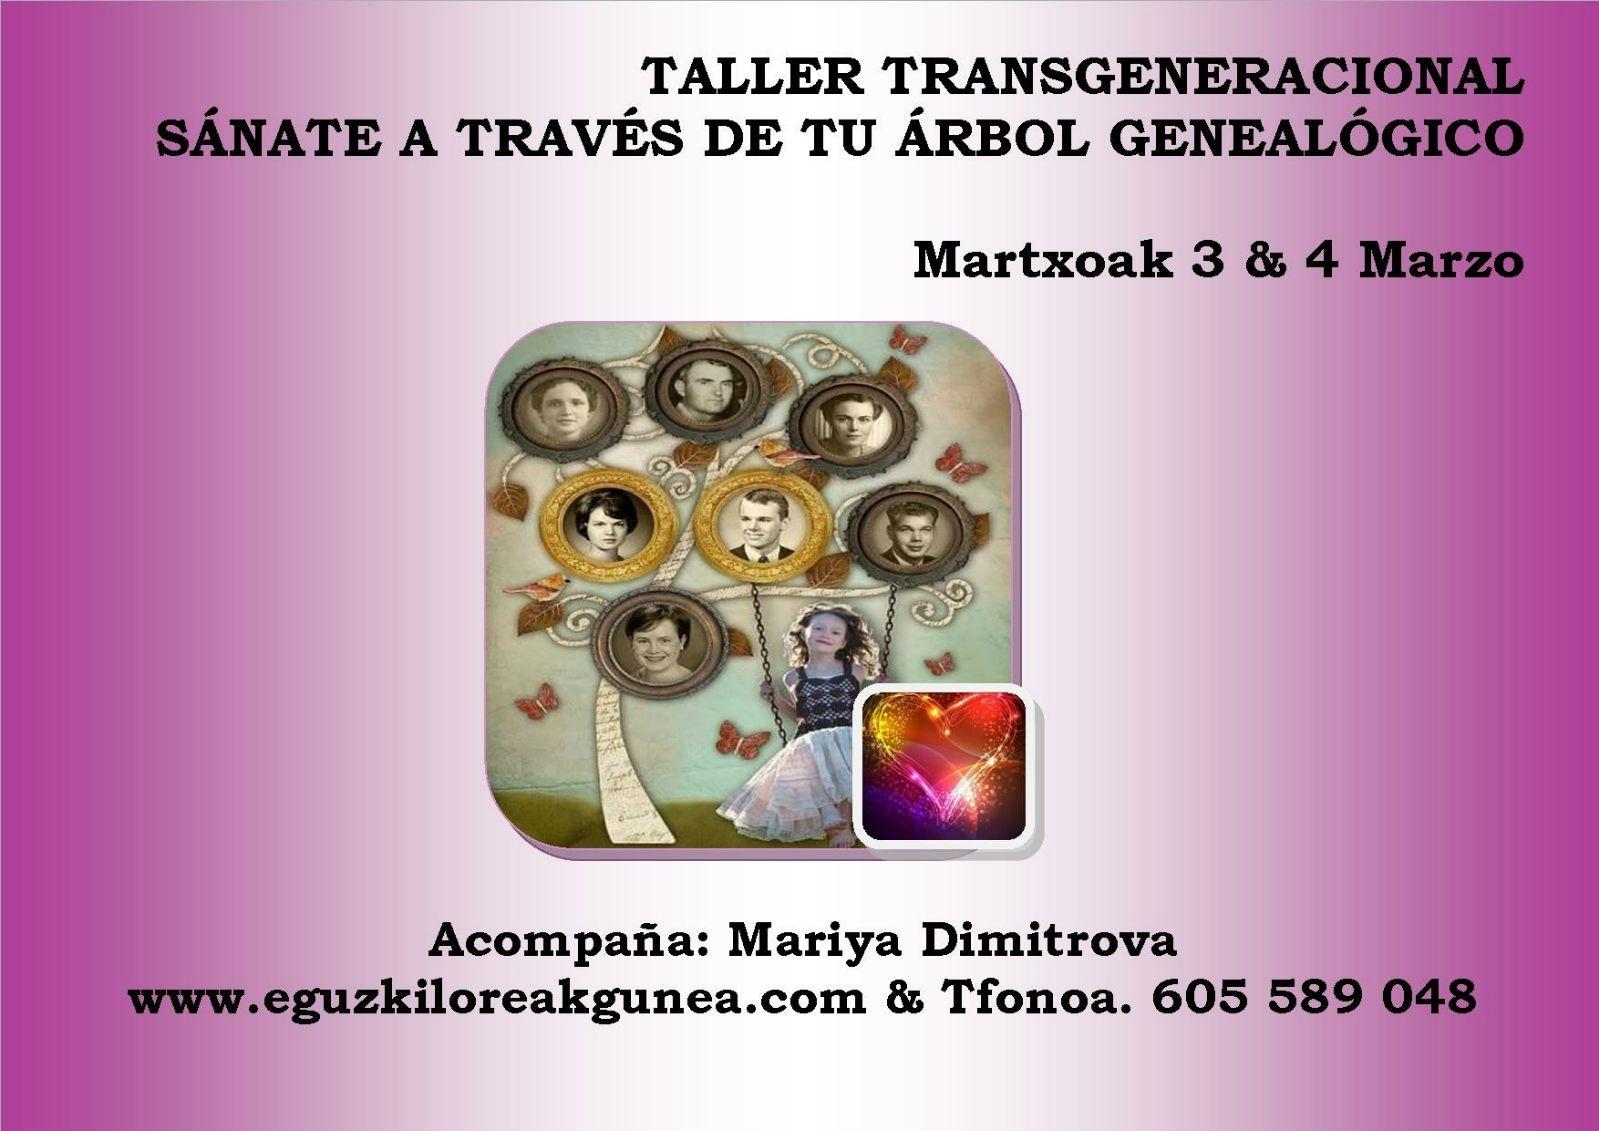 TALLER TRANSGENERACIONAL CON MARIA DIMITROVA EN EGUZKILOREAK 3 y 4 de MARZO